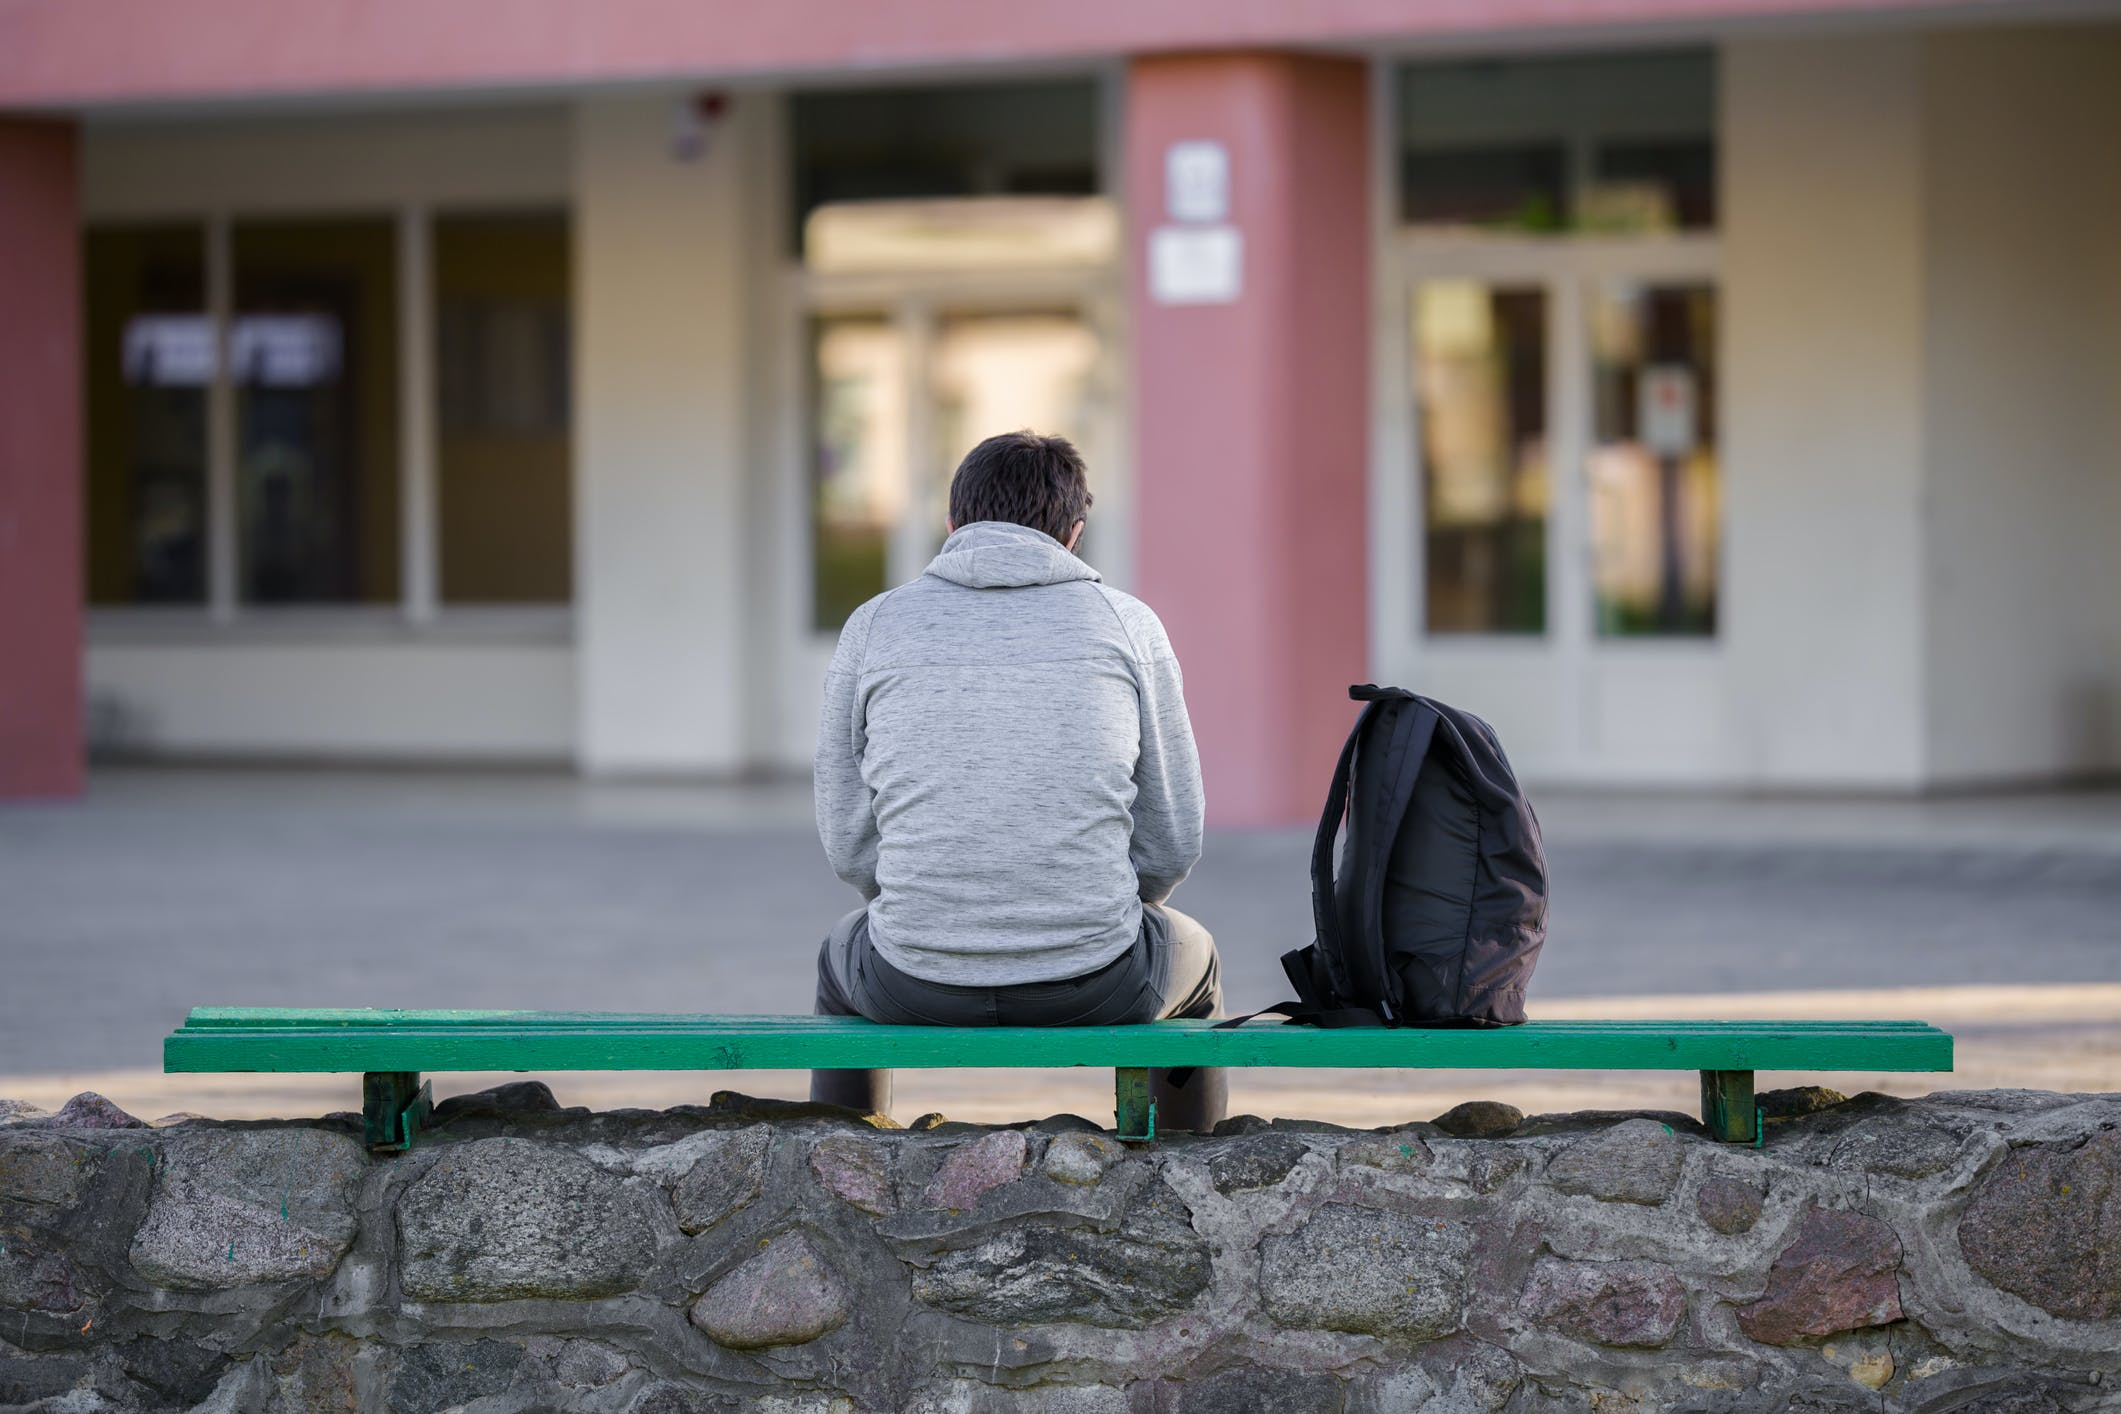 Suicide des étudiants : quatre facteurs prédictifs identifiés